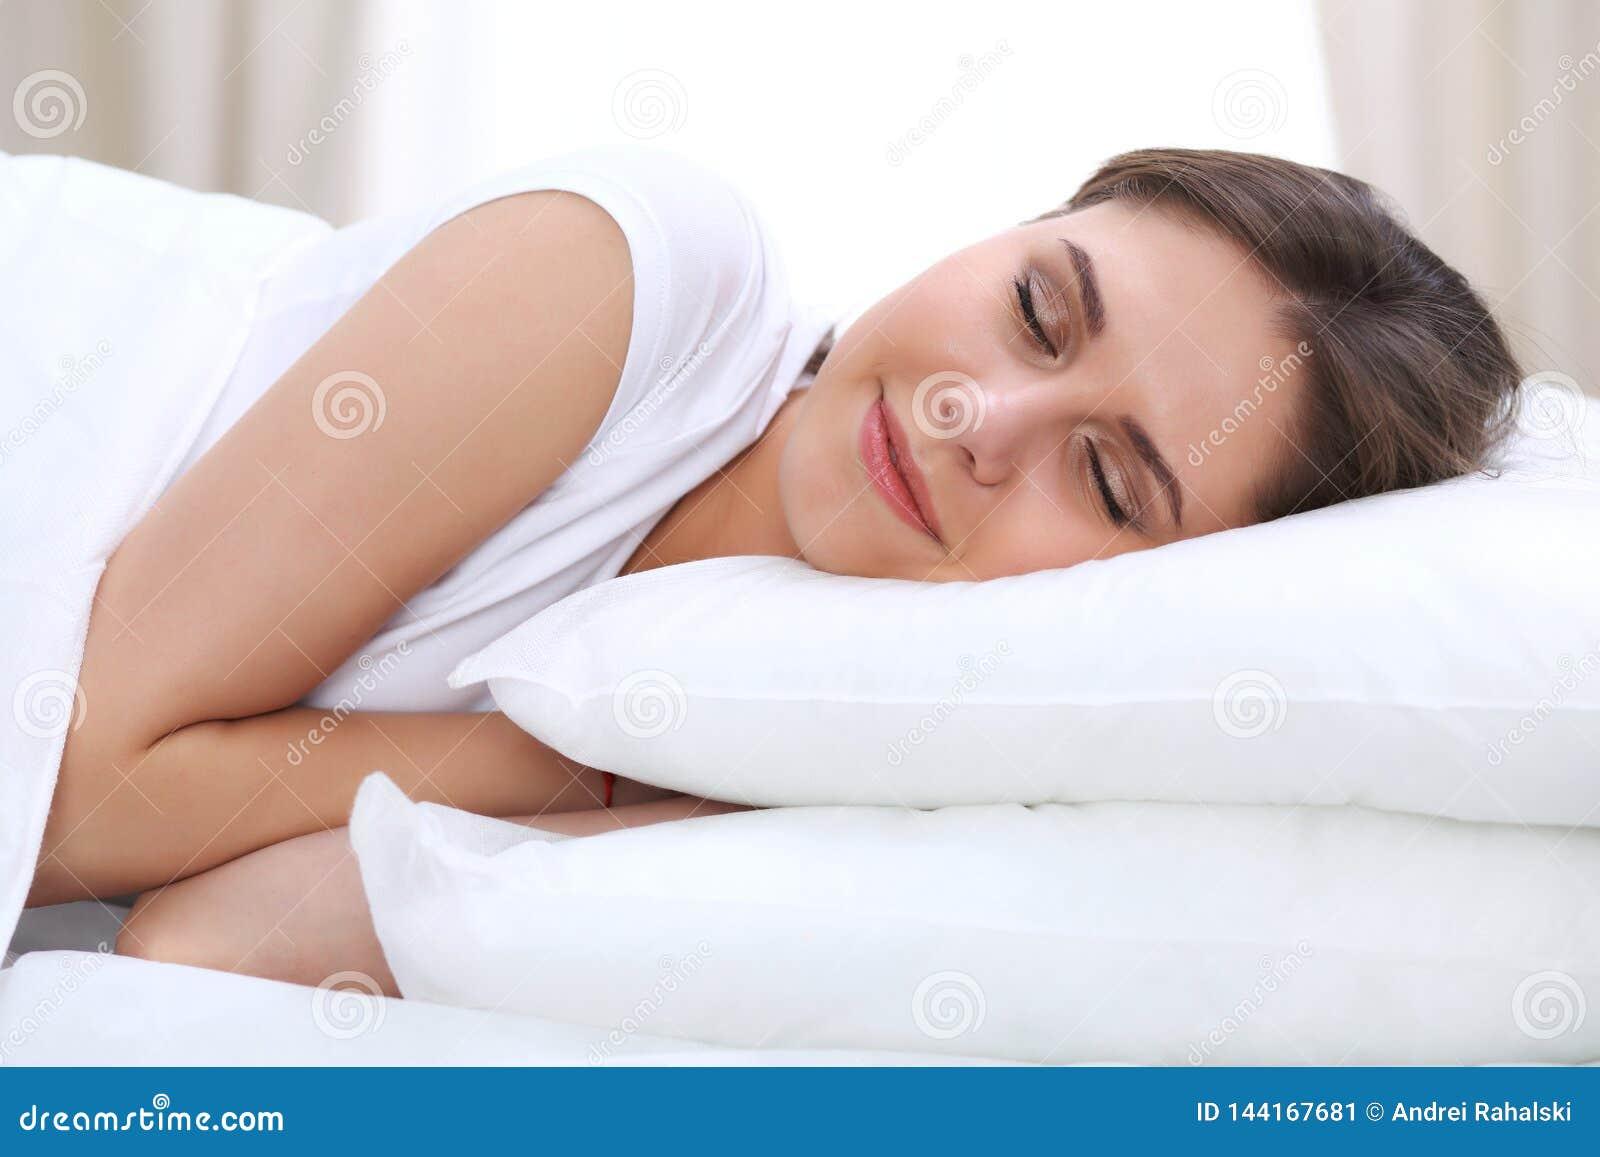 Schöne junge und glückliche schlafende Frau beim im Bett bequem liegen und himmlisch lächeln